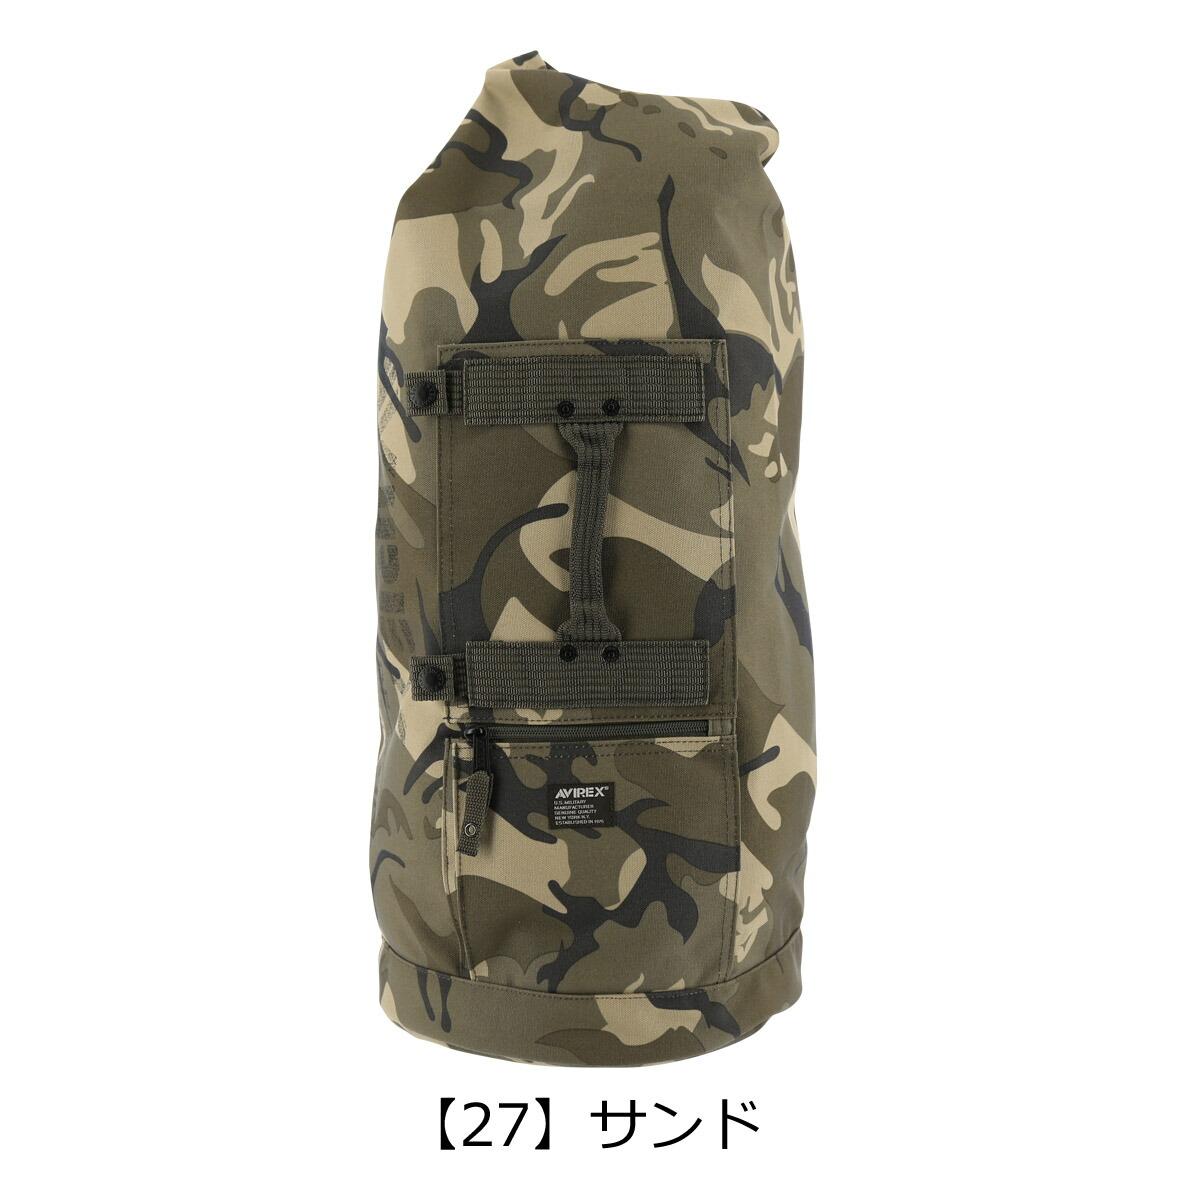 【27】サンド